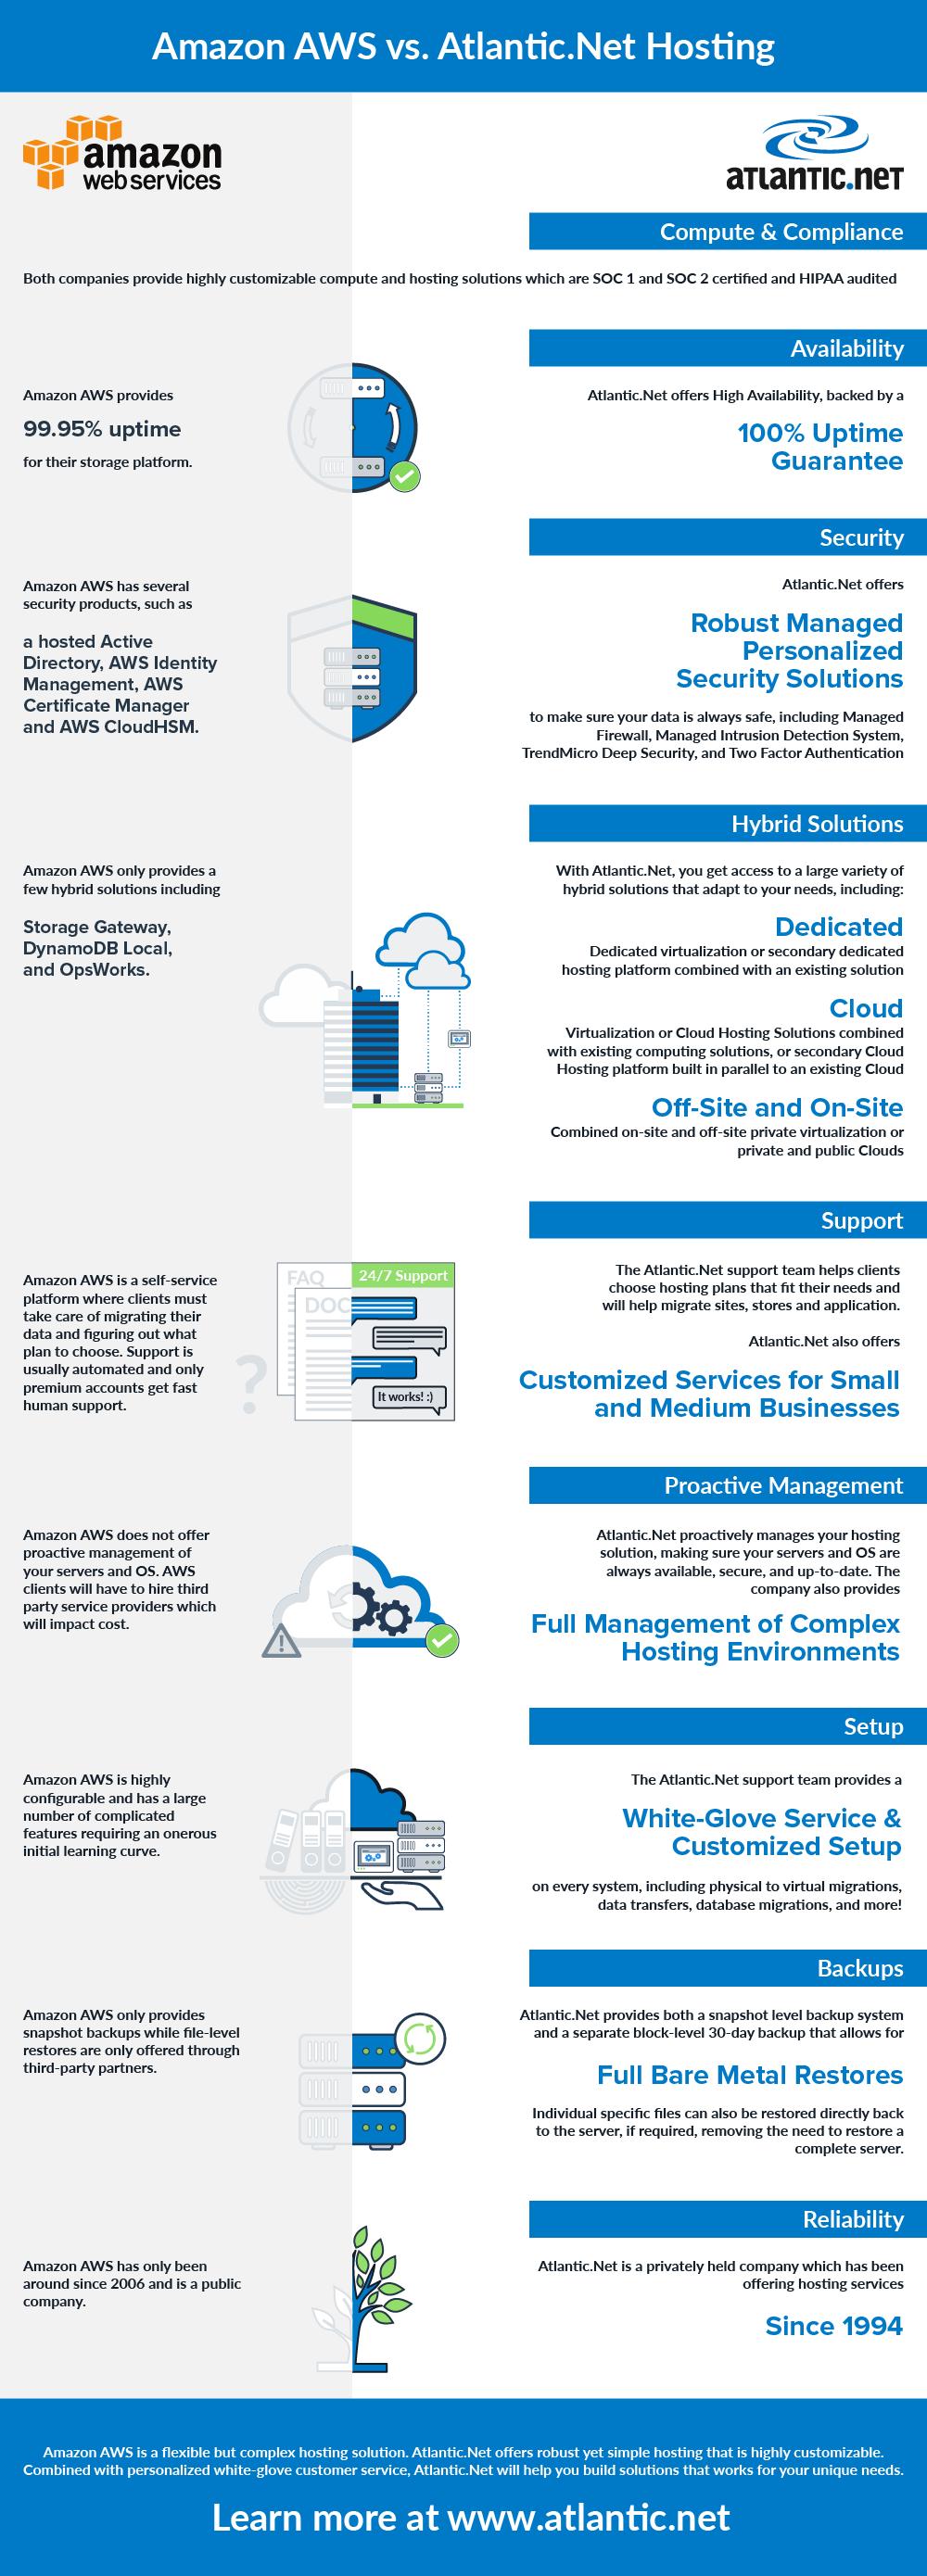 Amazon AWS vs Atlantic Net: A Comparison of Cloud Hosting Services